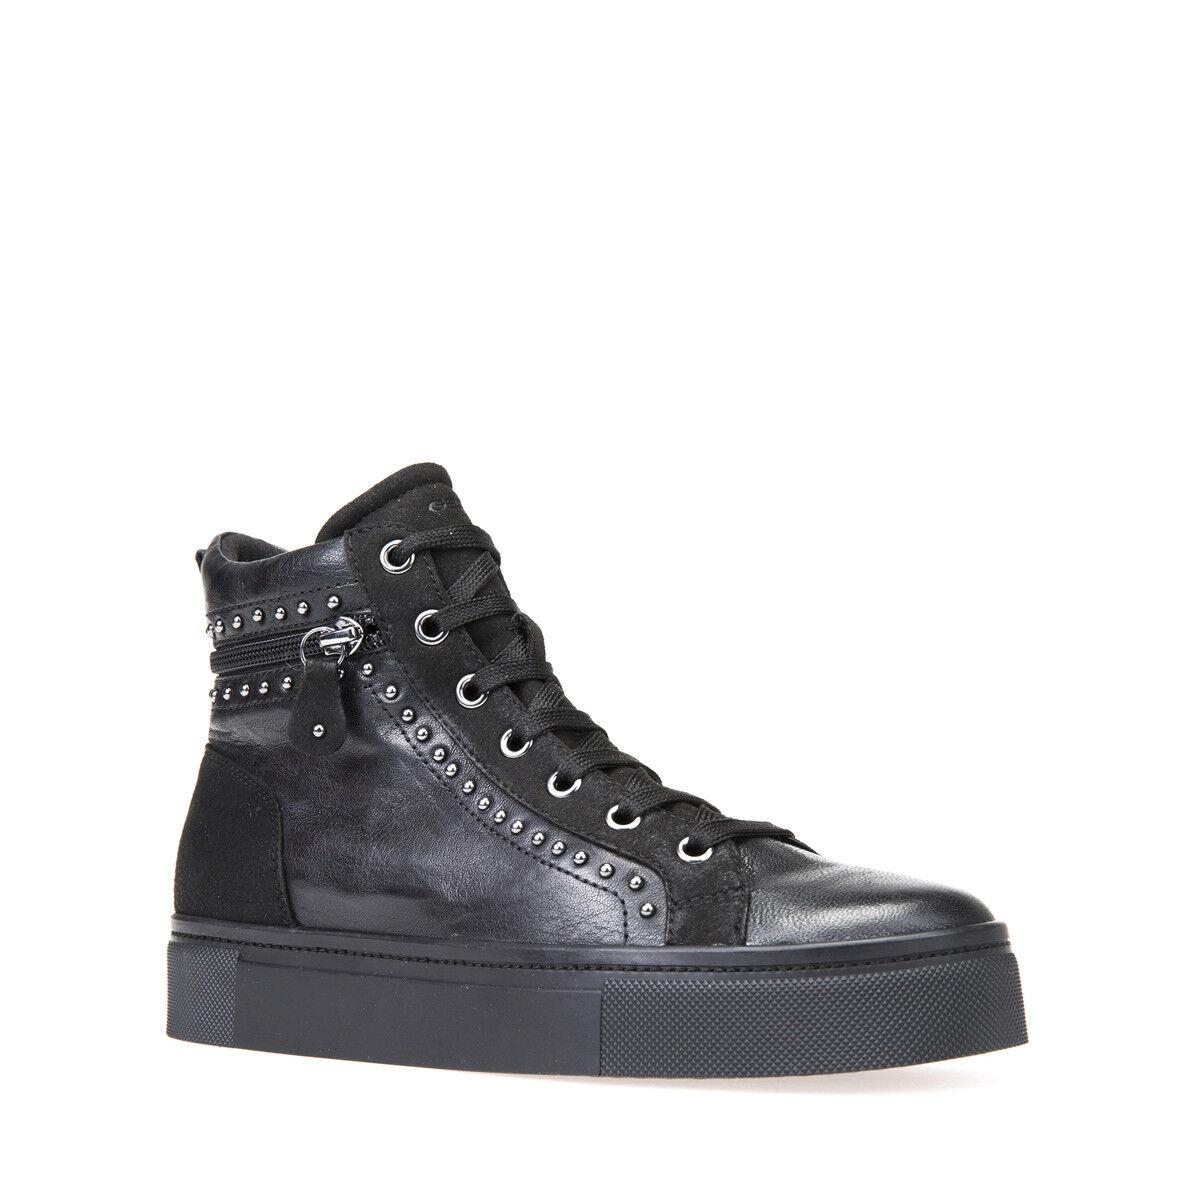 GEOX scarpe da ginnastica DONNA A I HIDENCE D7434A 0BTAF PELLE + SUEDE nero - CASUAL SPORT